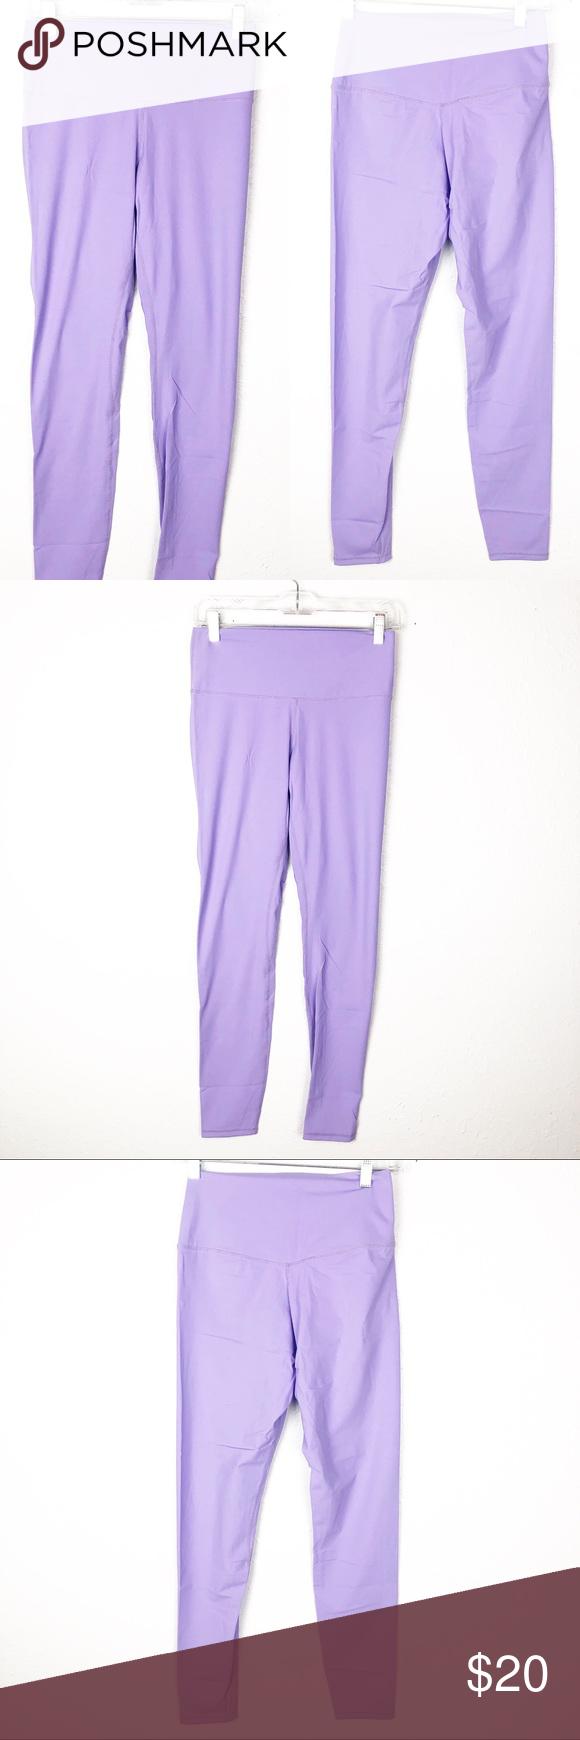 1af06cb7eaa9a NWT - Colorful Koala - Purple Leggings - XL & L ◾️Brand: Colorful Koala